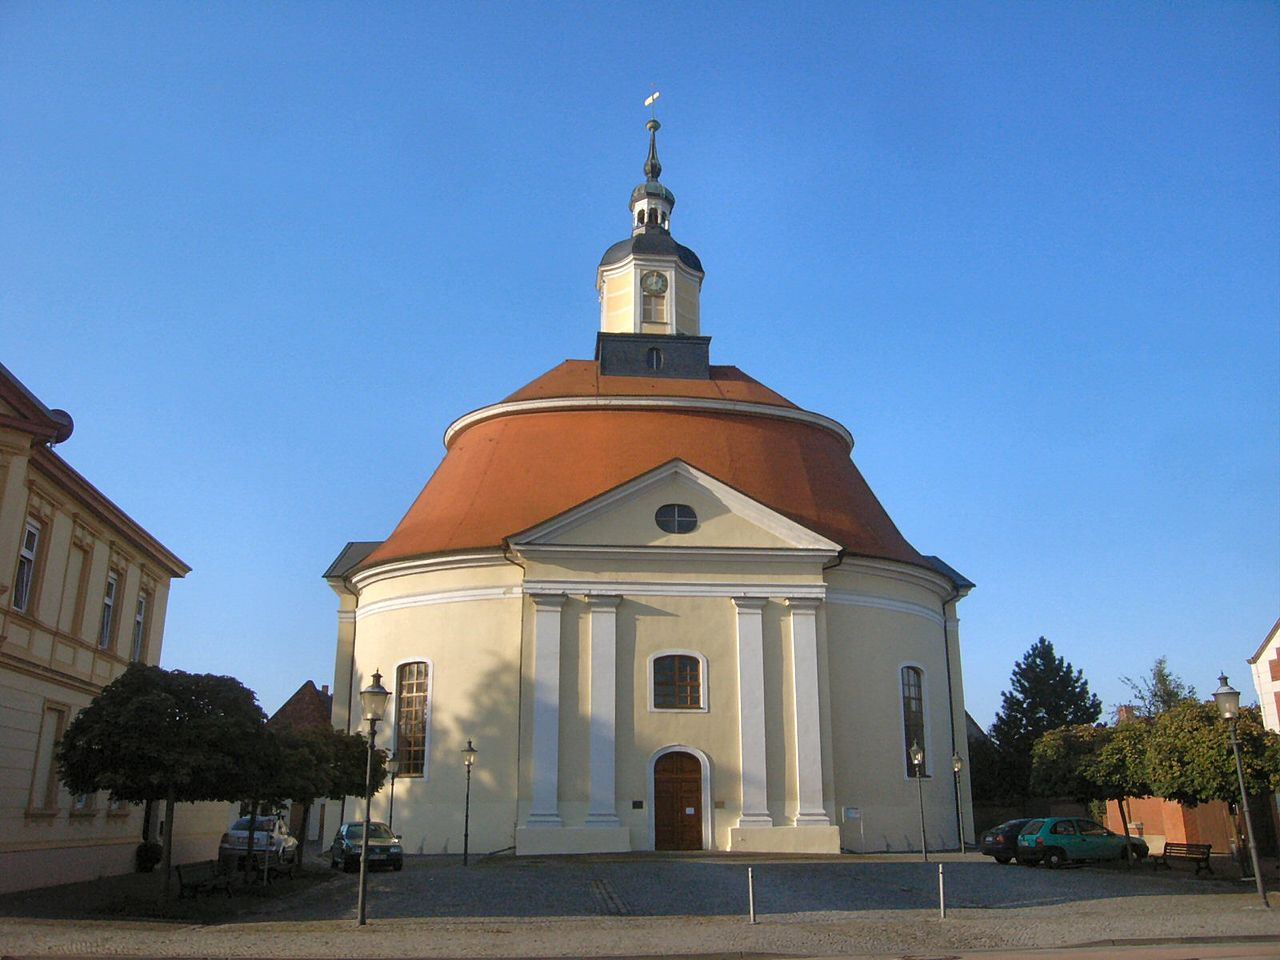 Bild Stadtkirche Oranienbaum